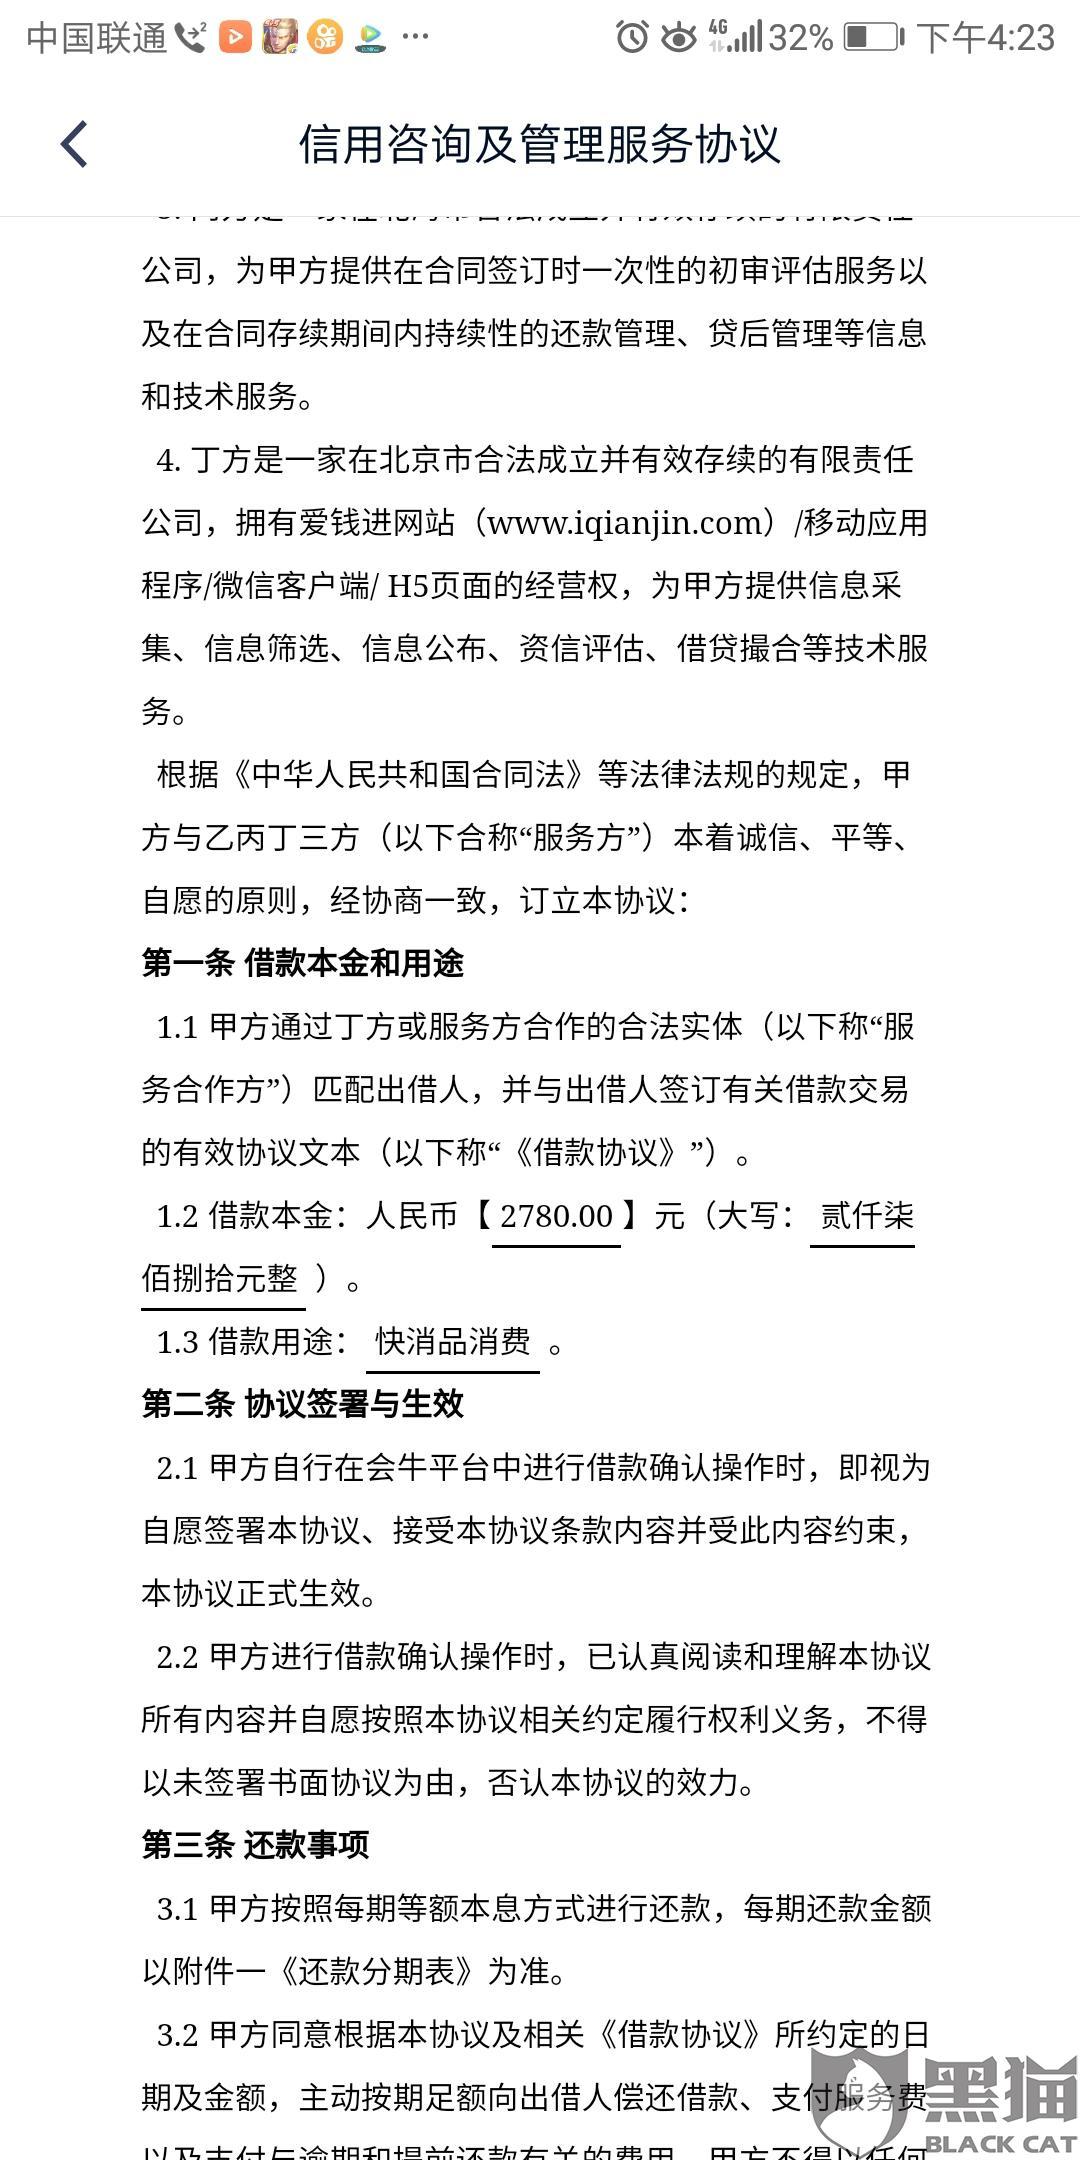 黑猫投诉:阴阳合同,借2000,合同上写的是借款本金是2780元下款